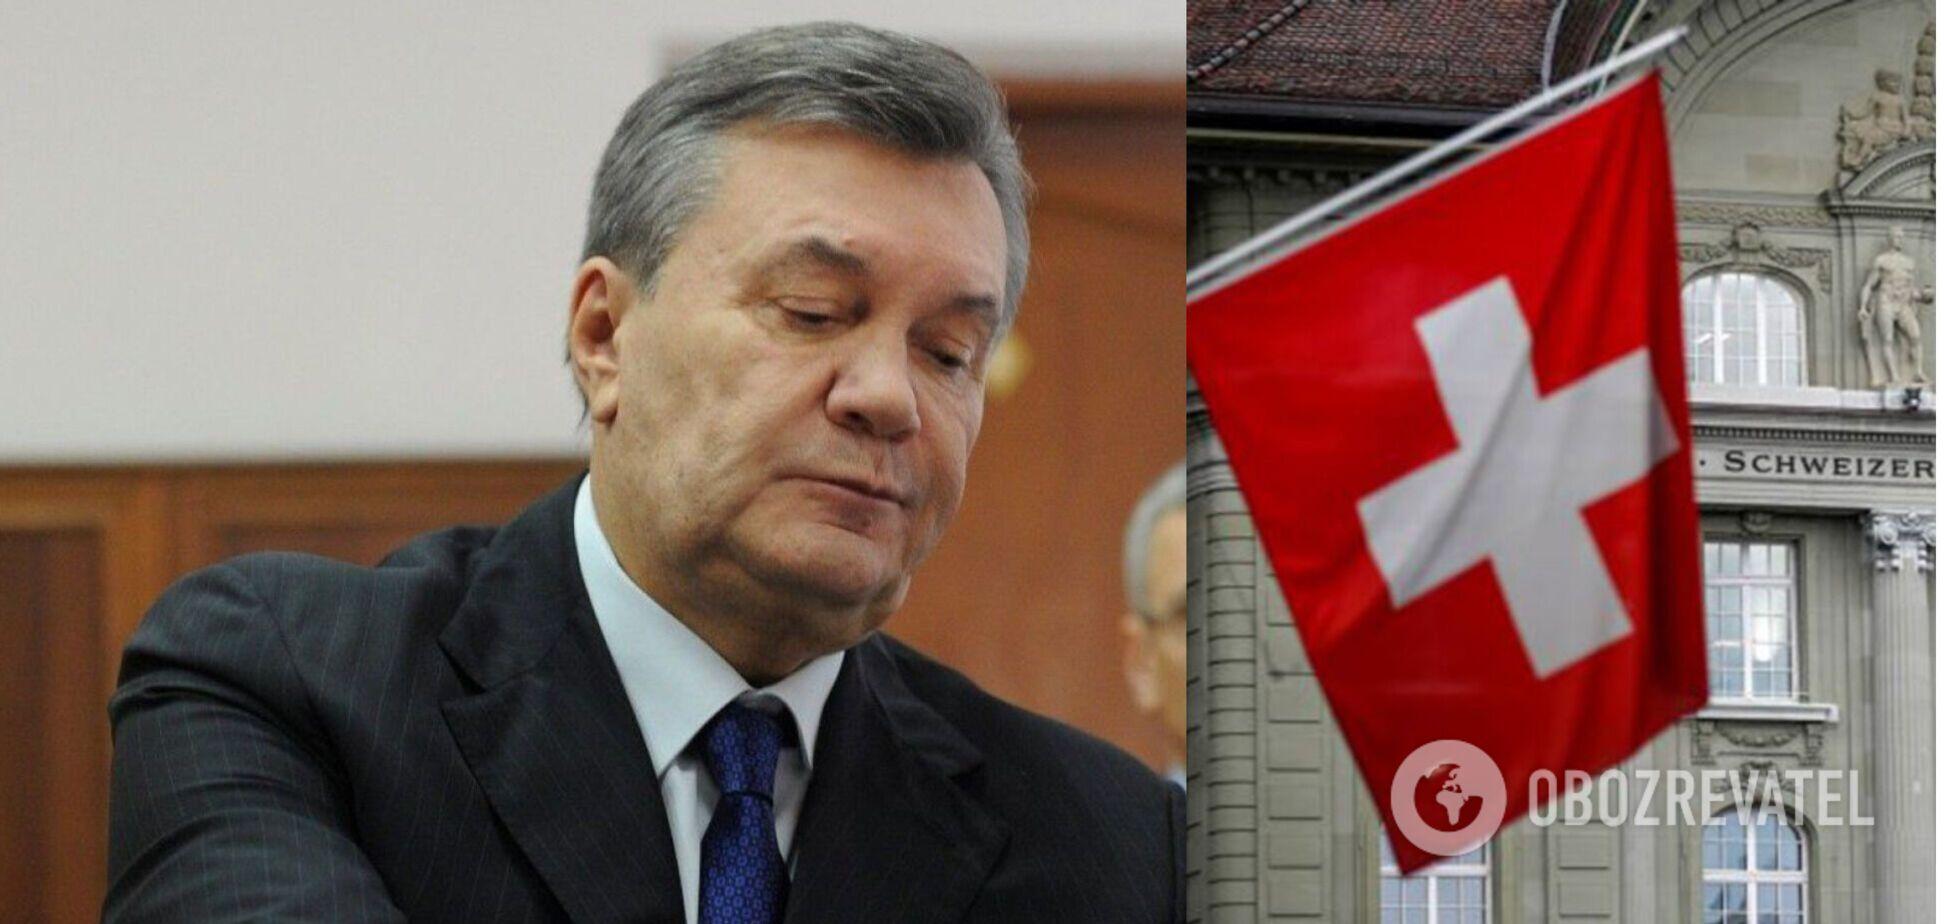 Заморозка активов Януковича и ко продлится еще три года: Швейцария напомнила о дедлайне